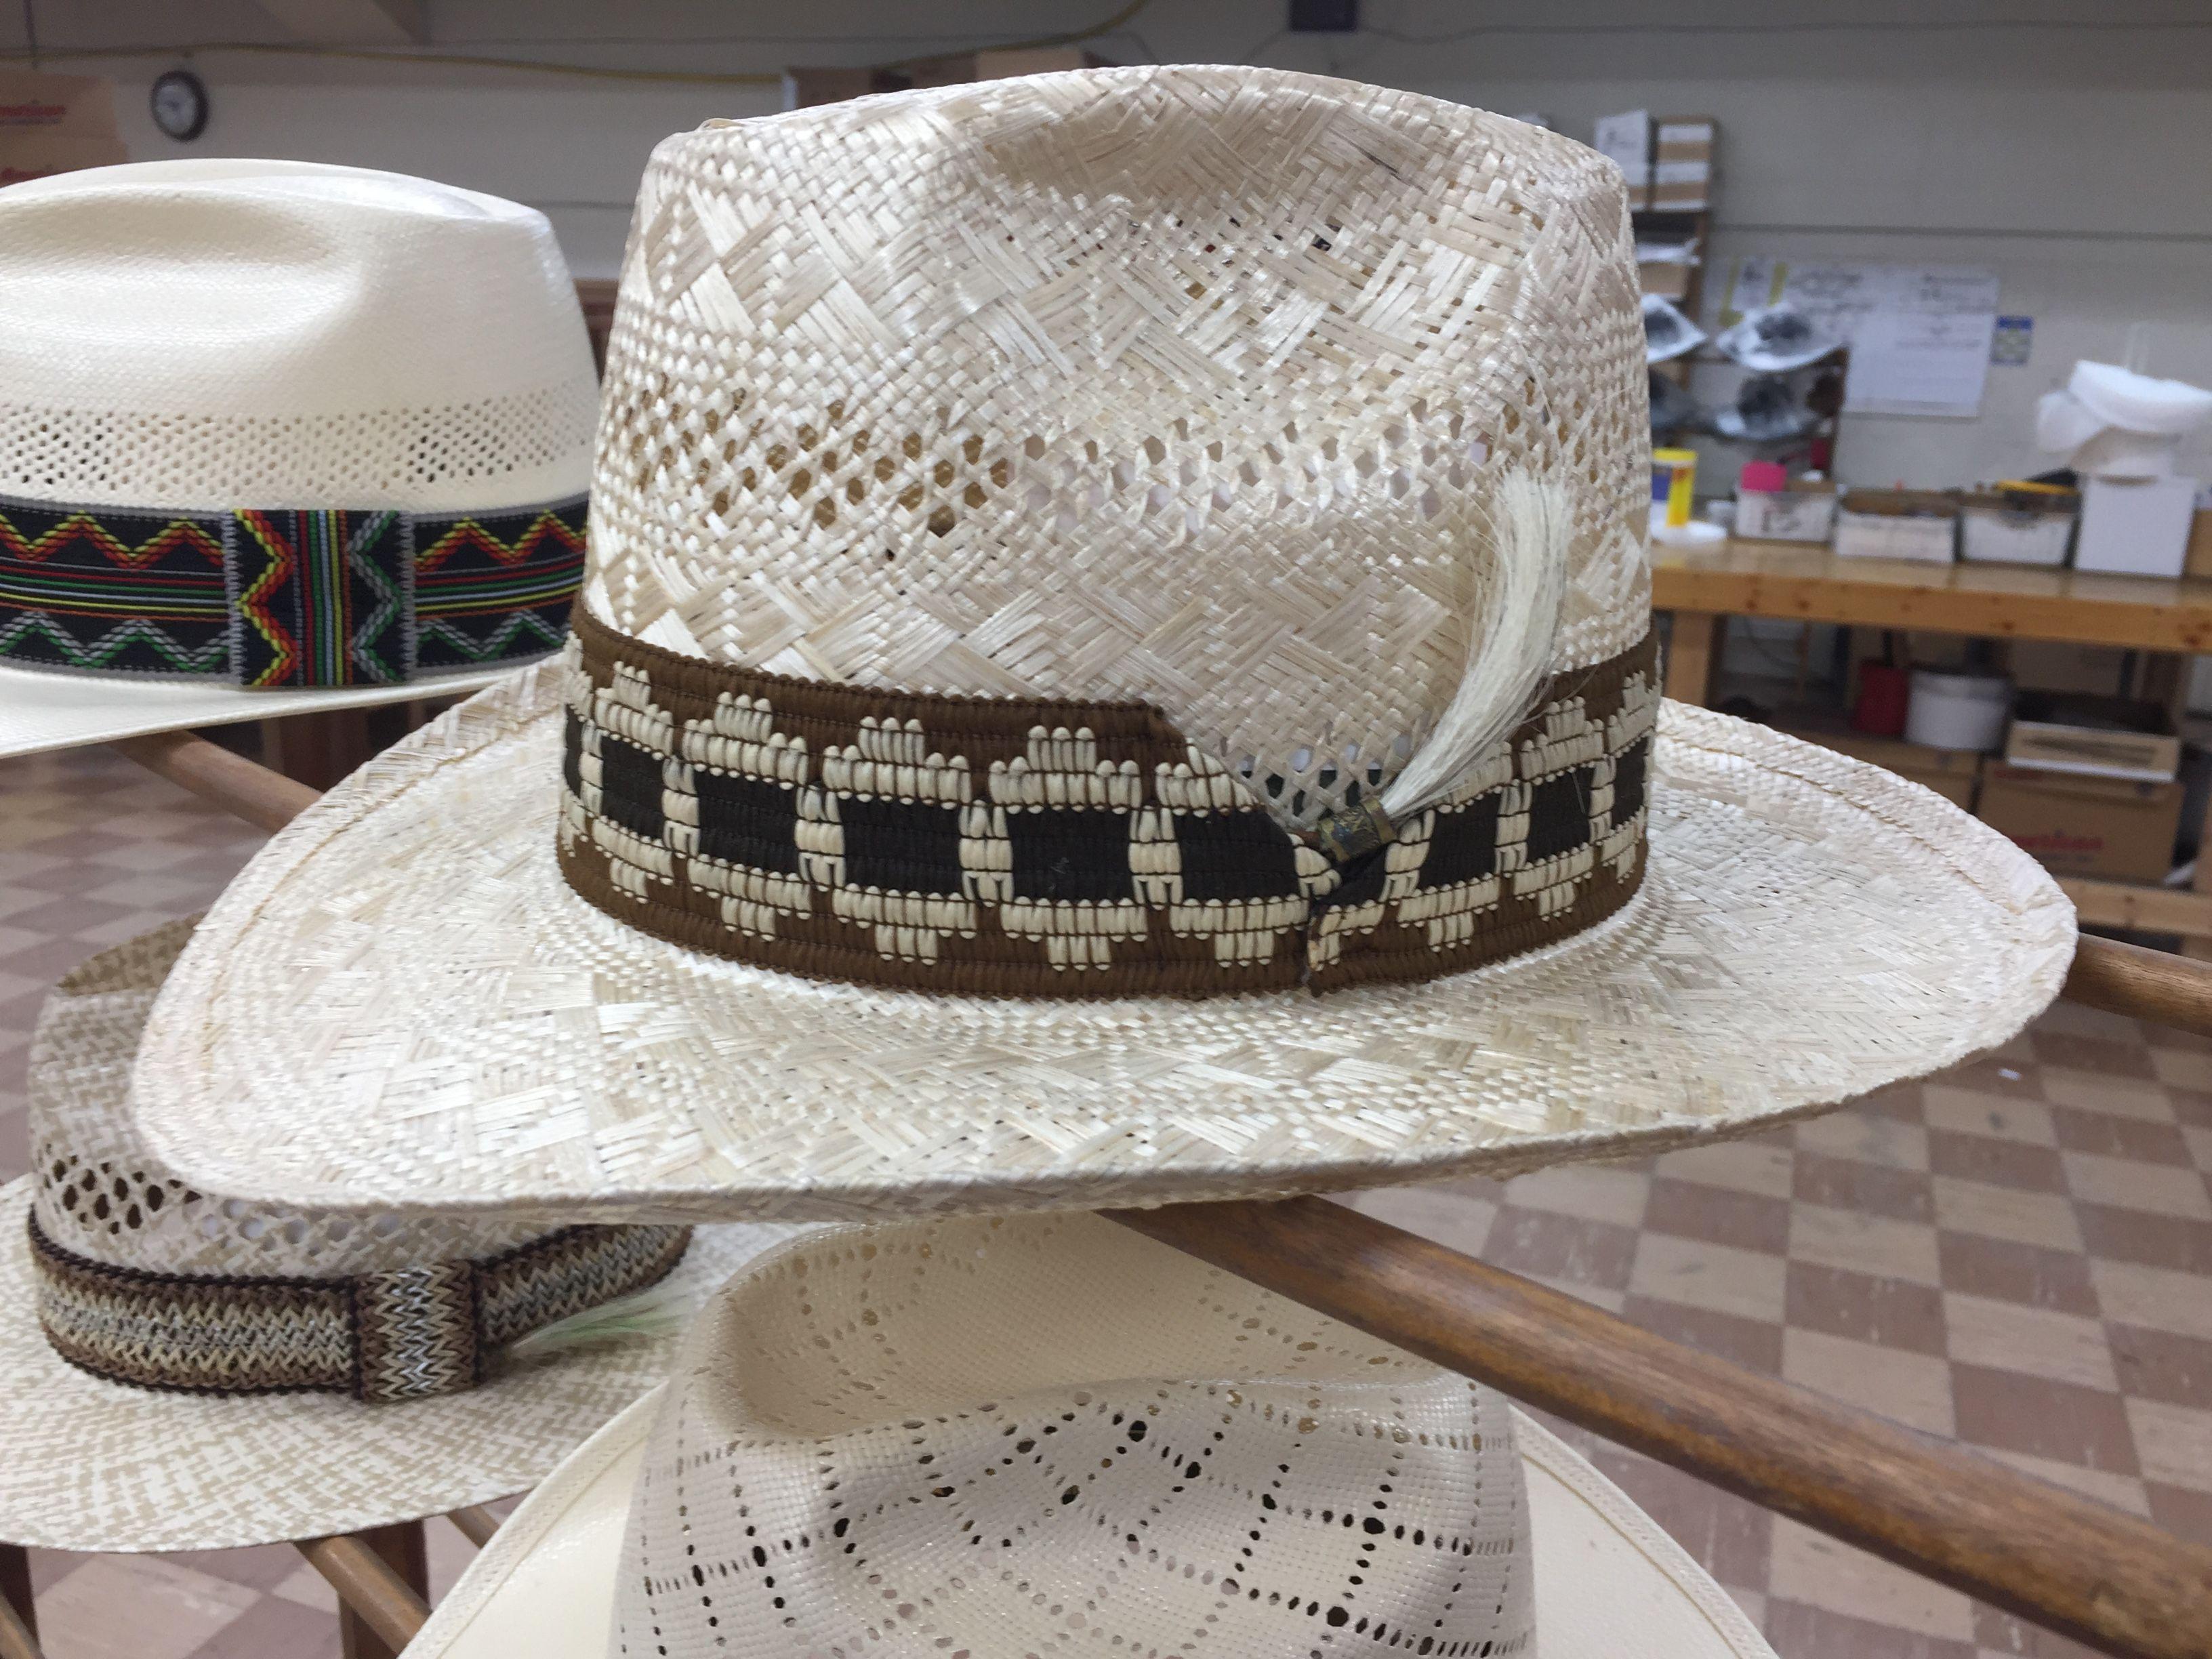 21e642e794d American Hat Company is  proudtobeanamerican  proudtowearanamerican   WESTAND  americanhatco  americanhat  americanhatcompany  madeinAmerica   madeinTexas